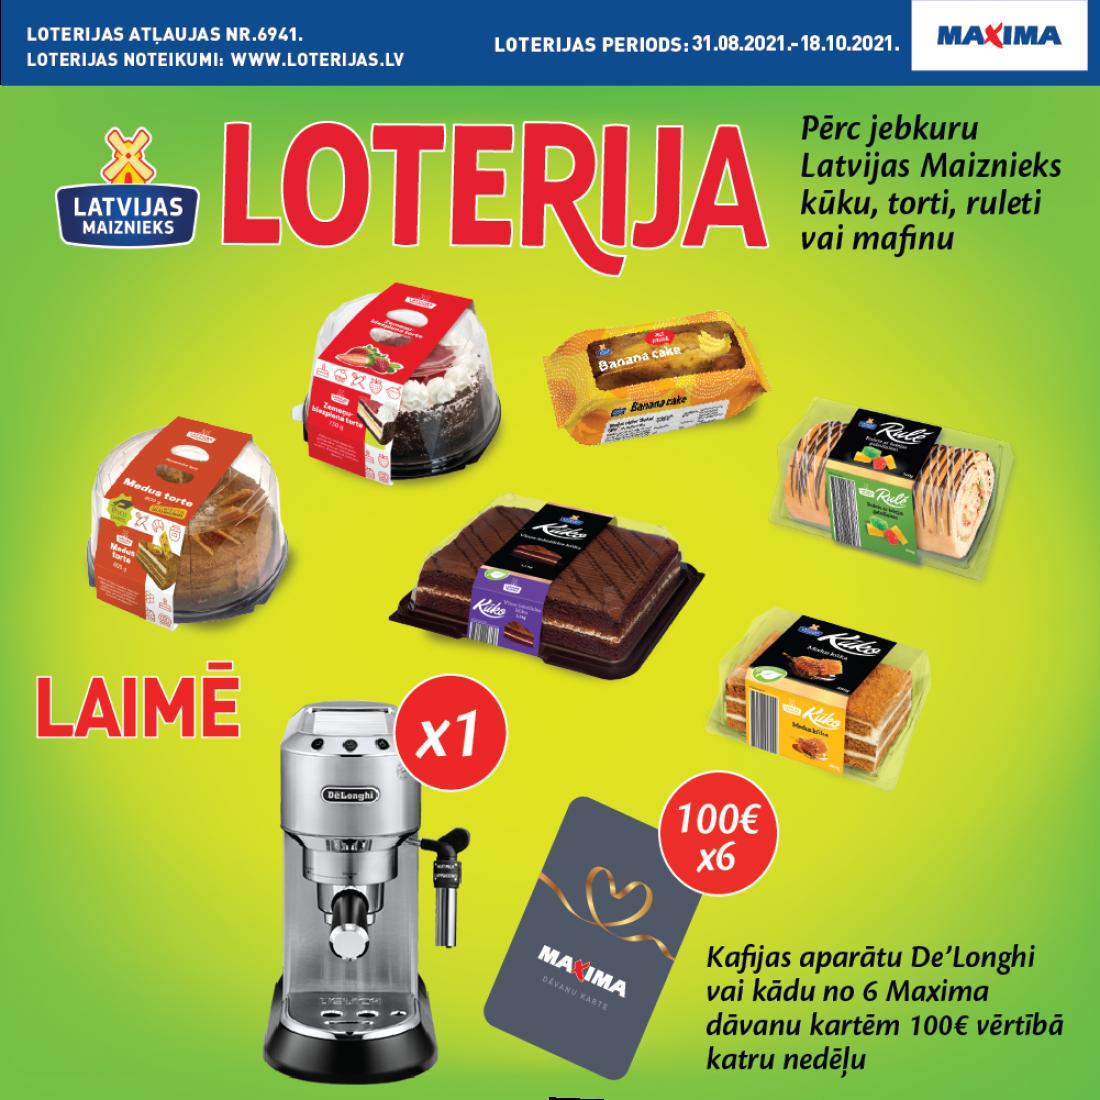 KONDITOREJAS IZSTRĀDĀJUMU loterija MAXIMA veikalos